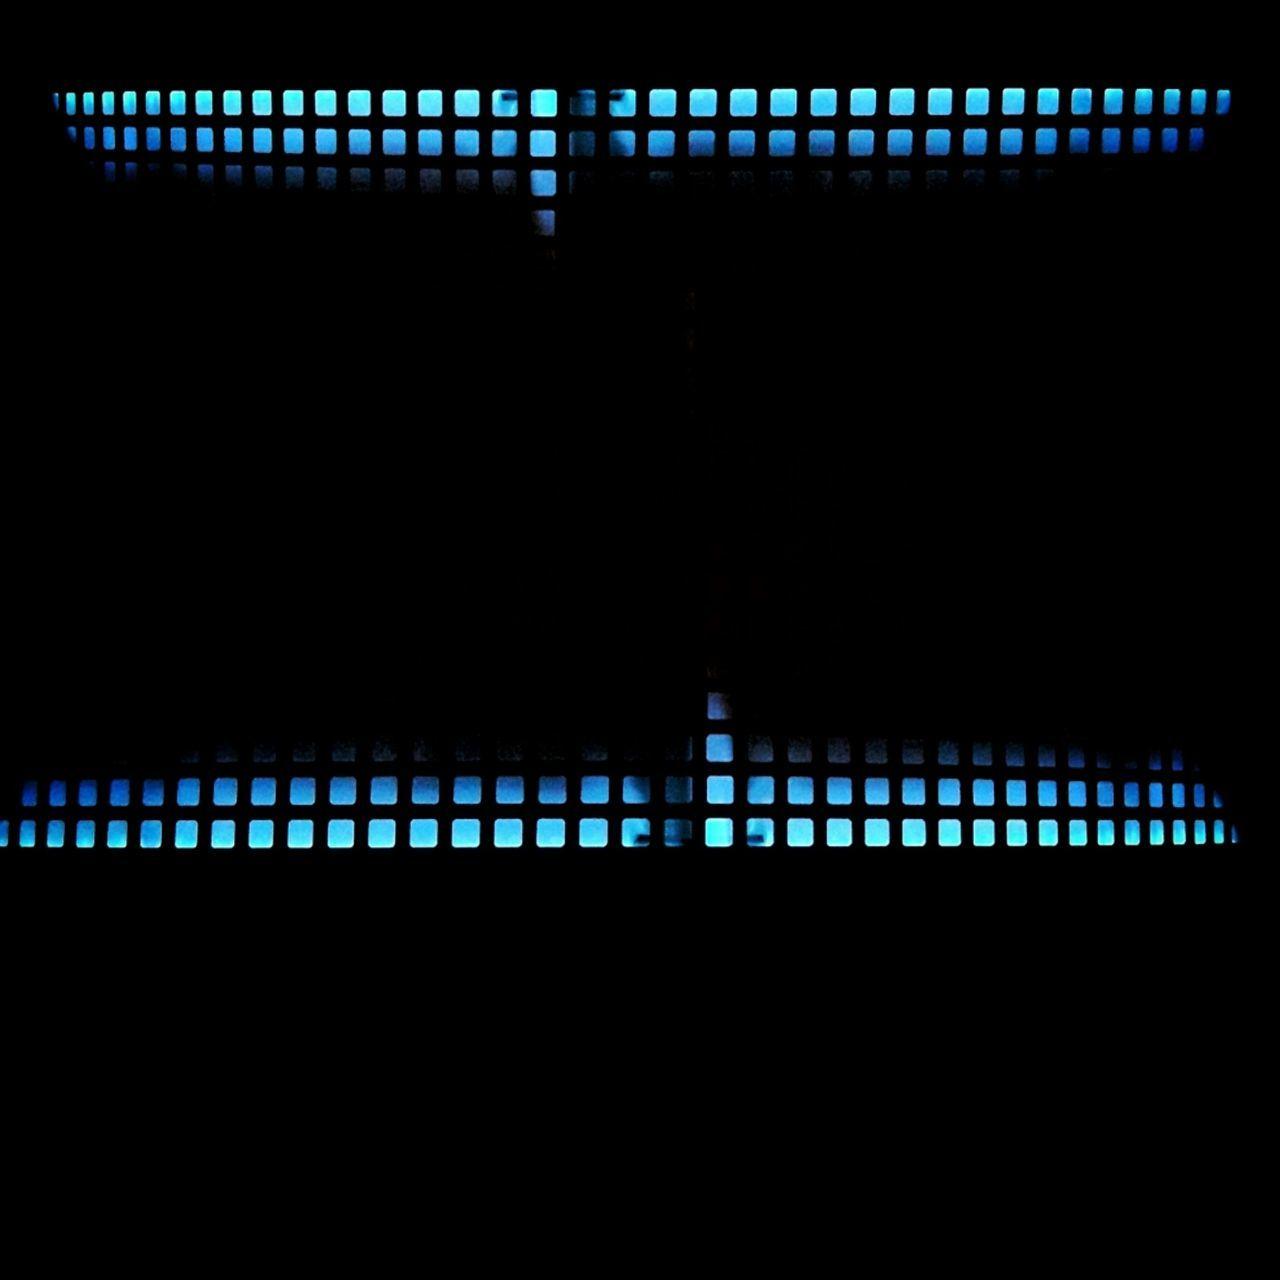 ILLUMINATED LIGHT BULBS AT NIGHT